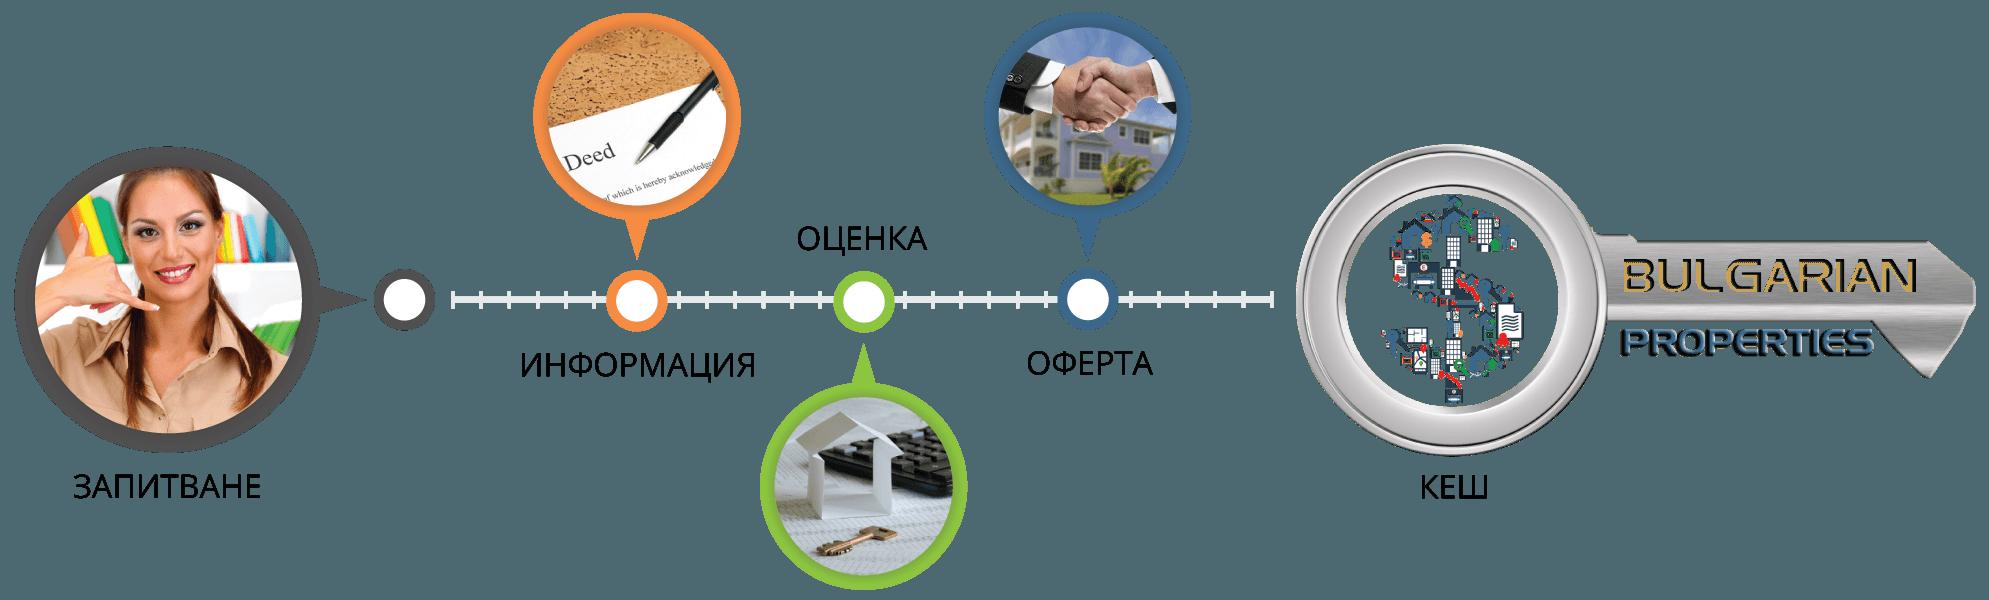 продадете имота си в България